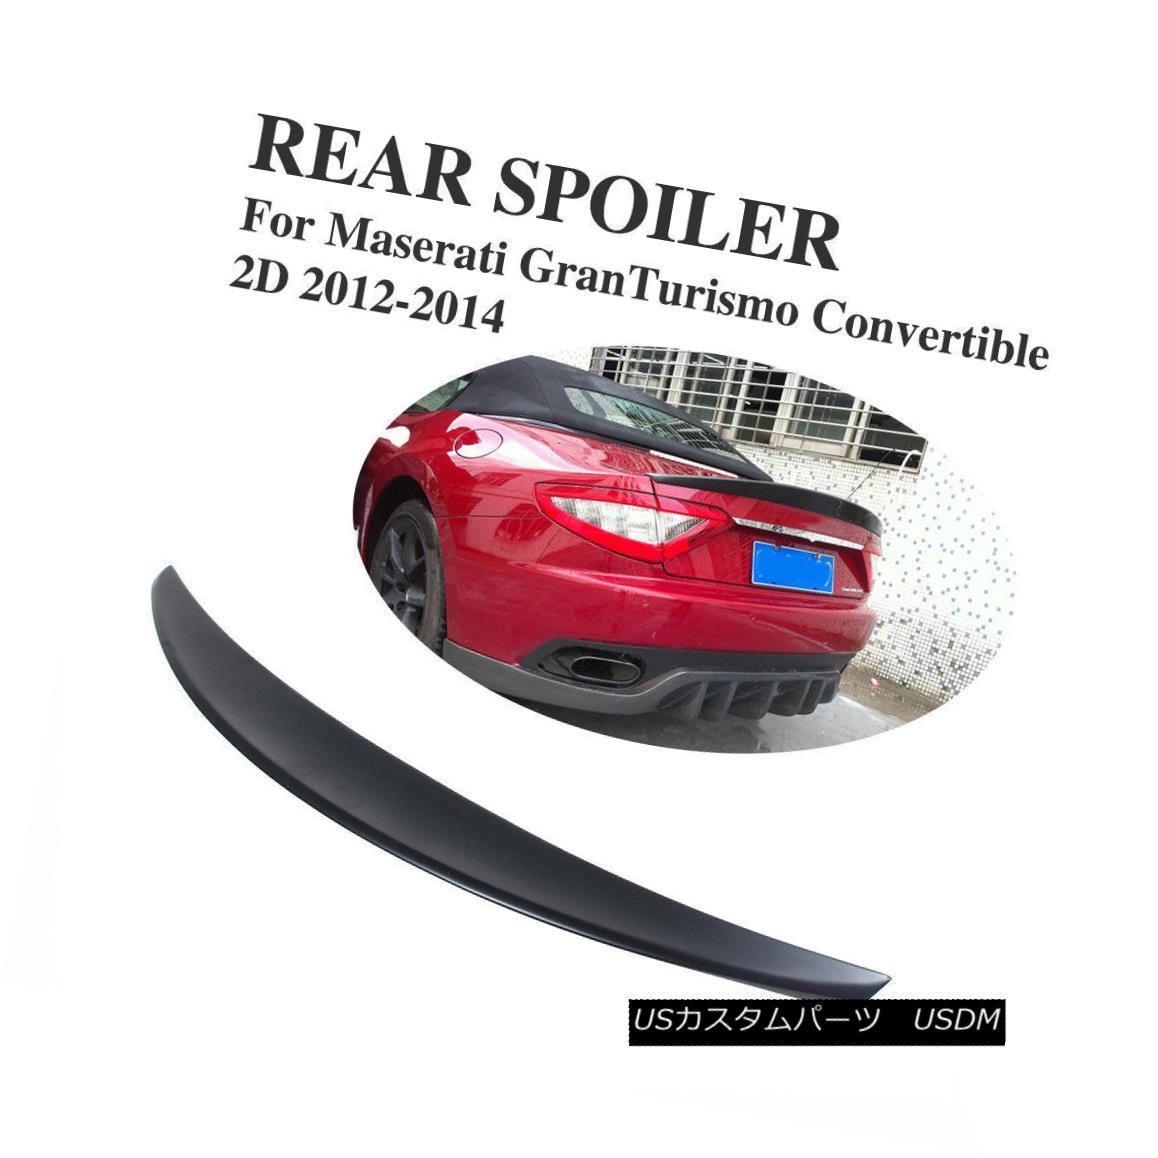 エアロパーツ Rear Bumper Spoiler Lip Wing Fit for Maserati GranTurismo GT Convertible 12-14 リアバンパースポイラーリップウイング、マセラティGranTurismo GT Convertible 12-14